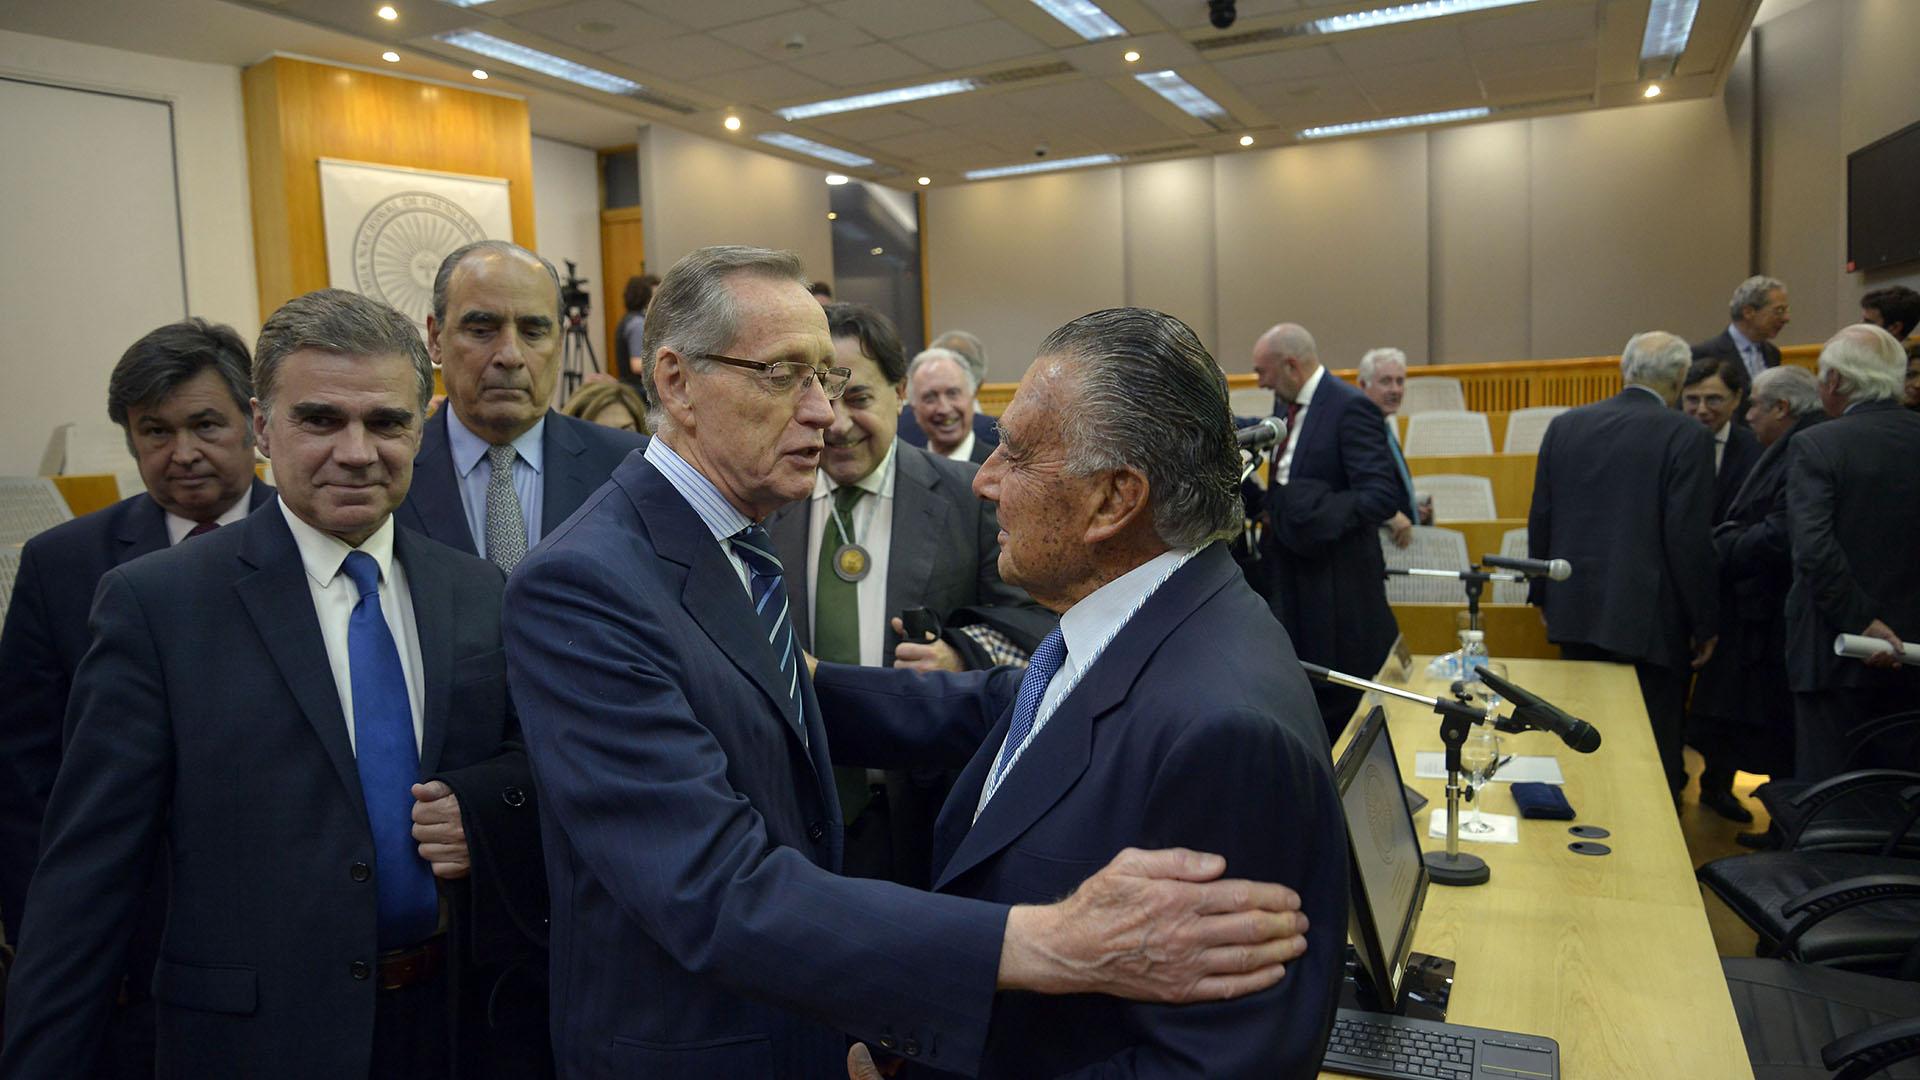 El ex canciller Adalberto Rodríguez Giavarini saluda al nuevo miembro de la Academia de Ciencias de la Empresa